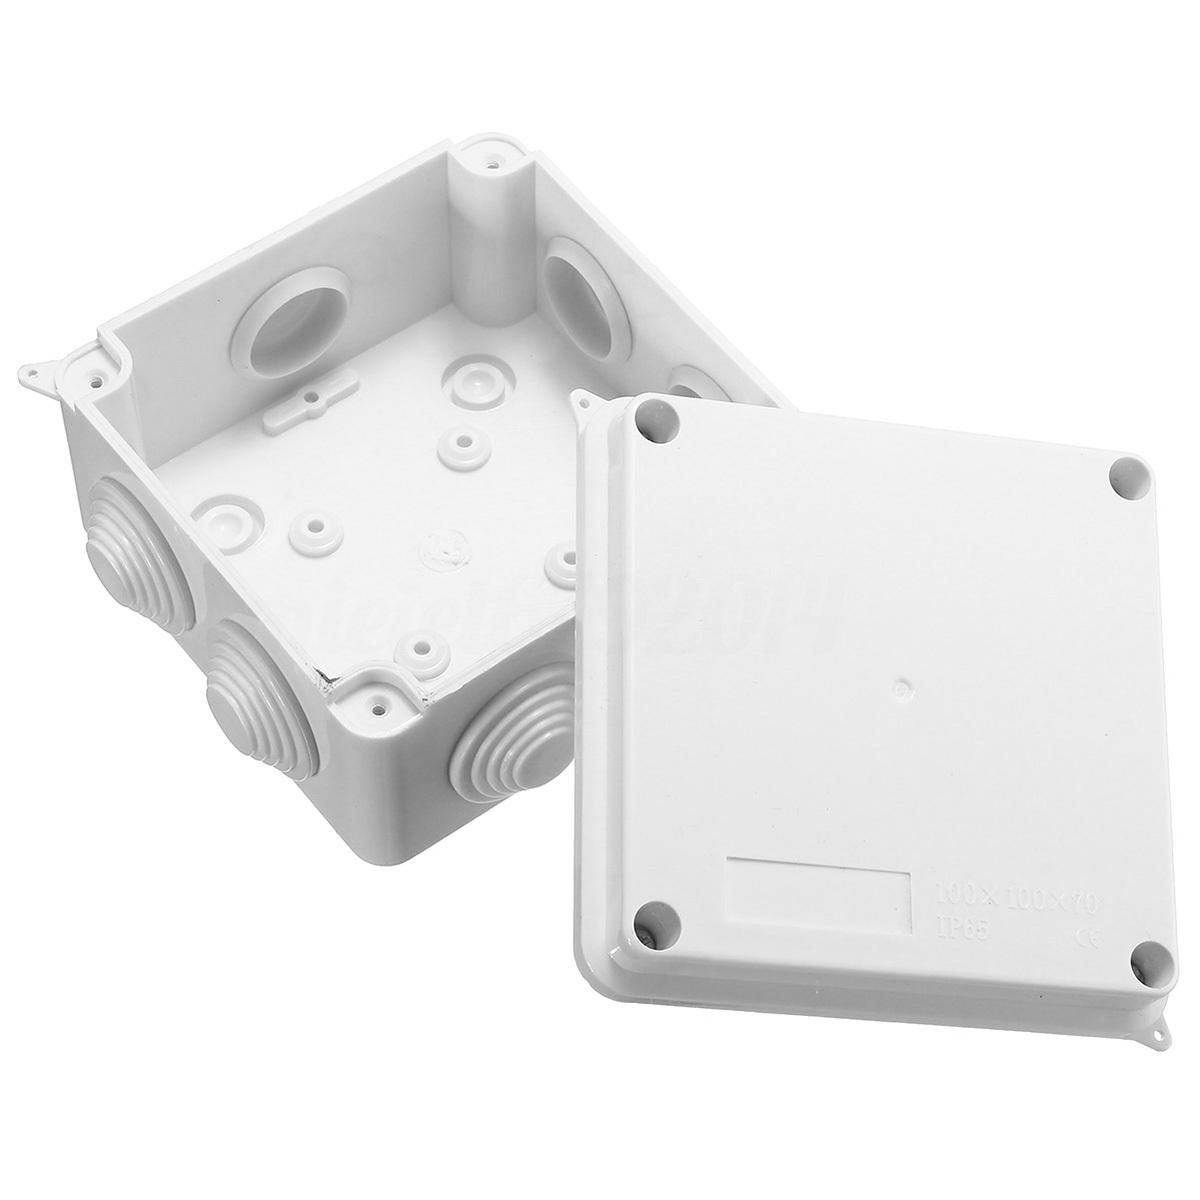 Cctv Weatherproof Outdoor Camera Junction Box Enclosure